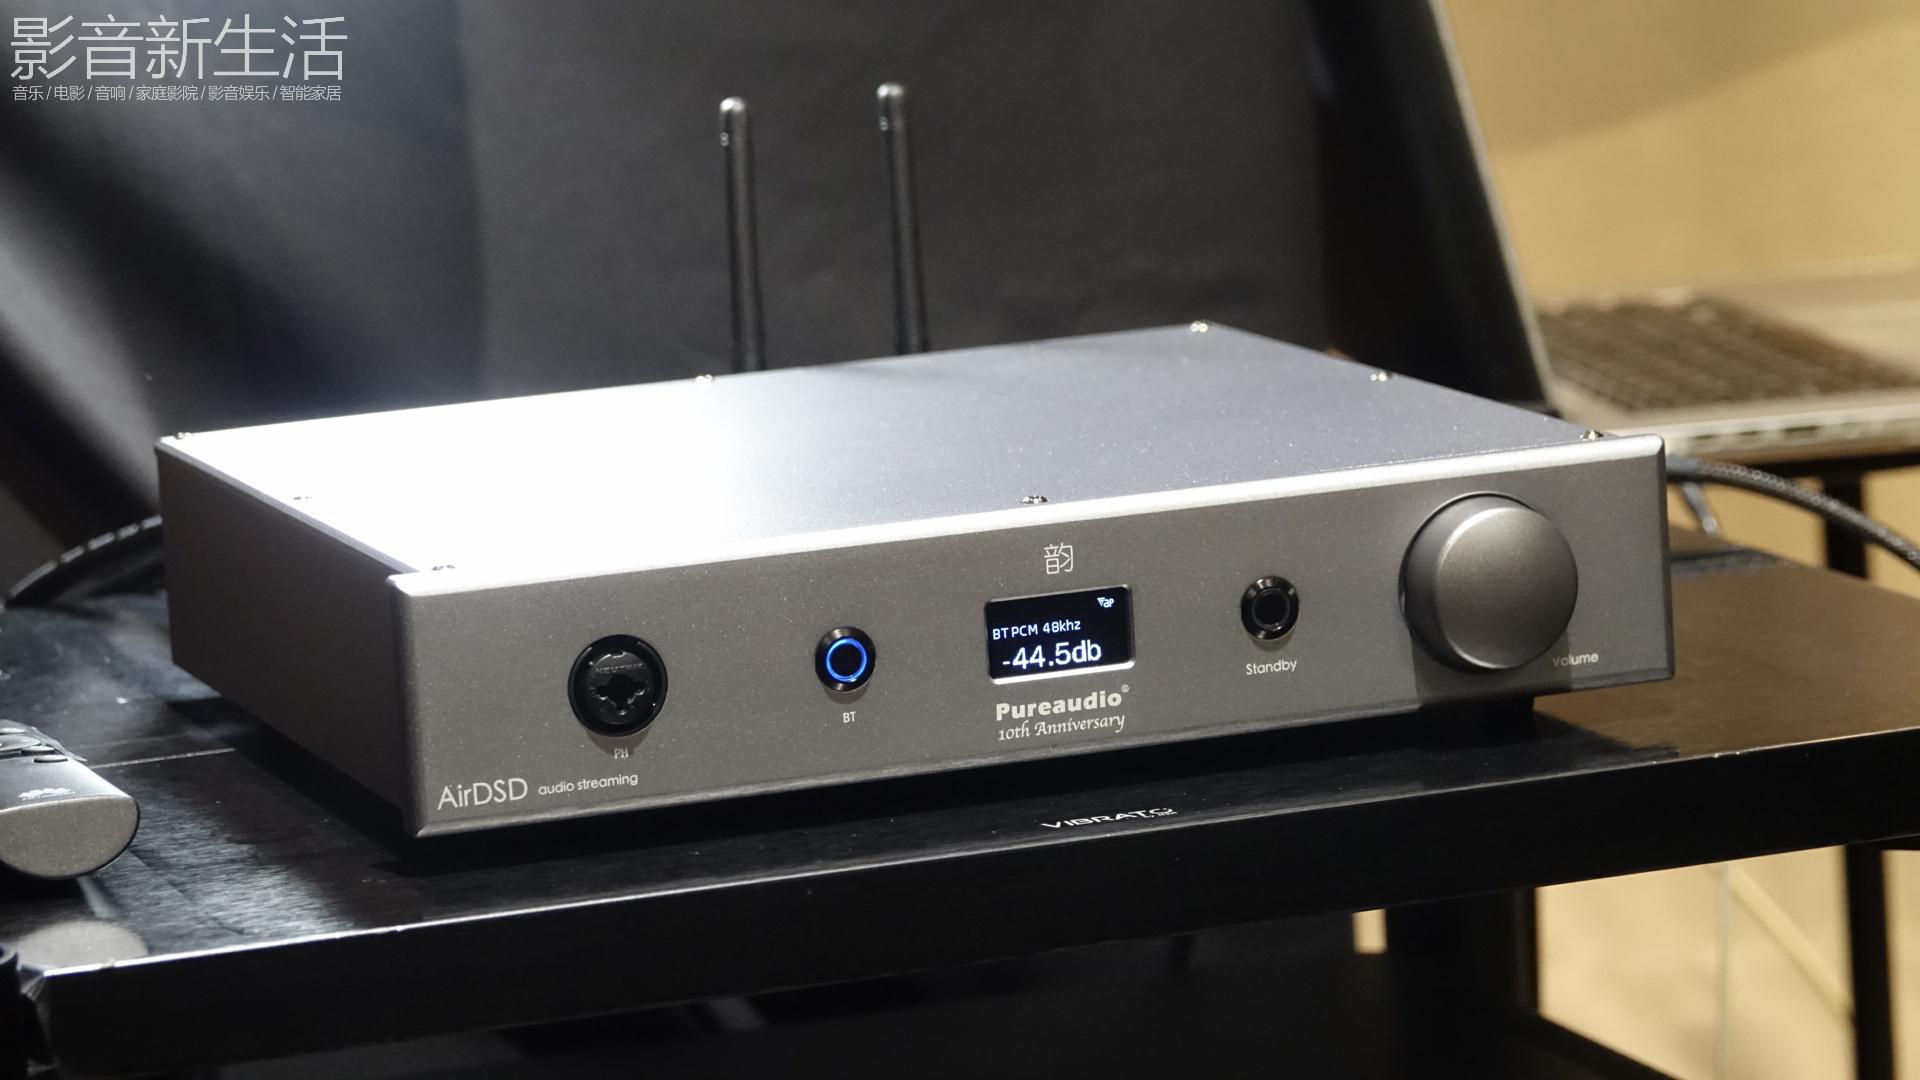 新品 | 2018柏韵10周年纪念产品:Pureaudio AirDSD音频流播放解码器发布!-影音新生活